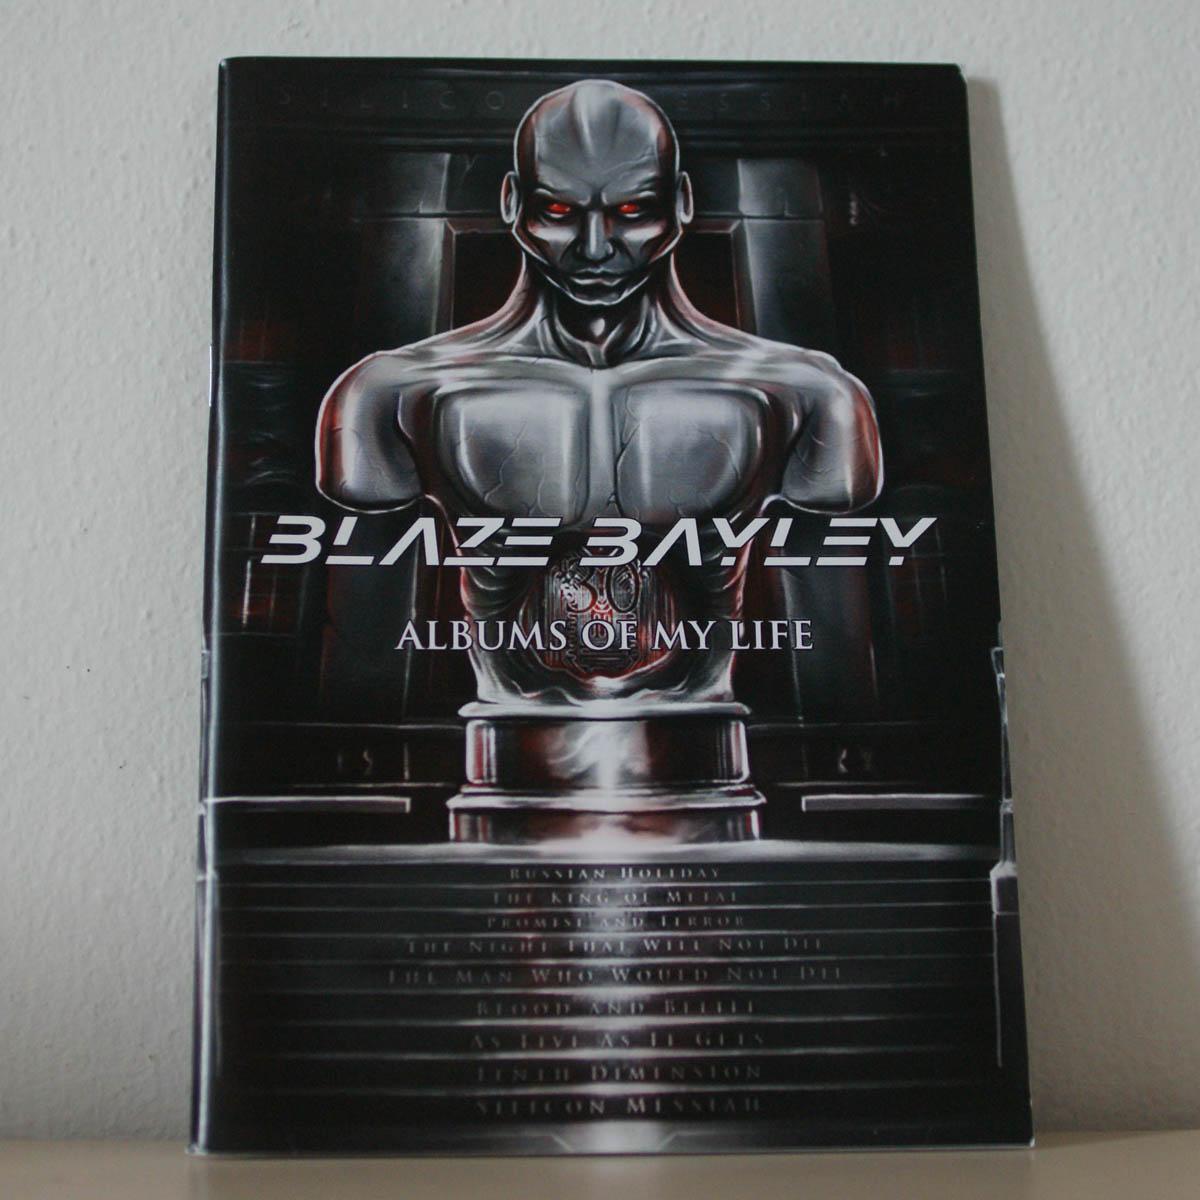 Blaze Bayley Albums of my